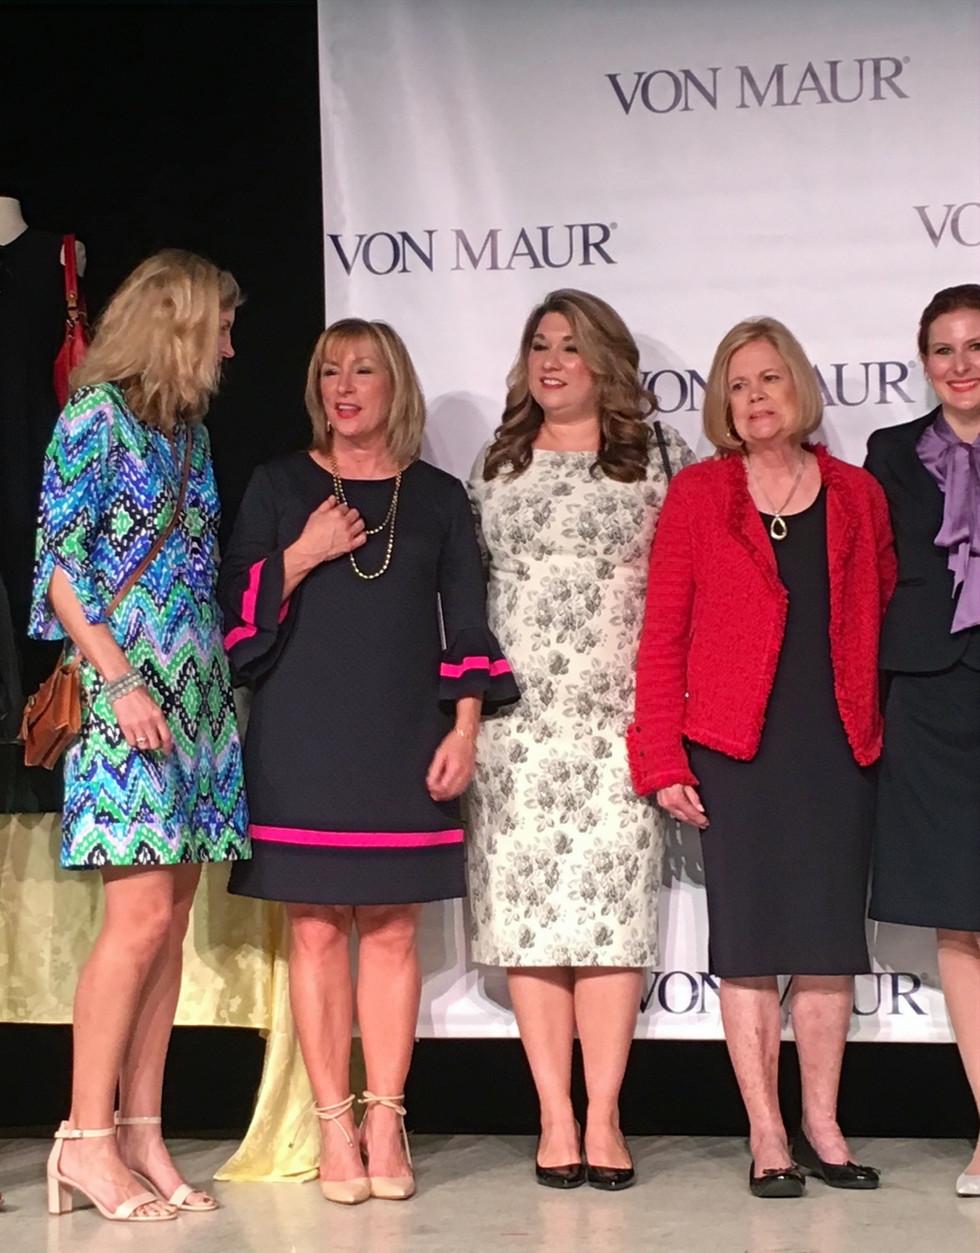 Von Maur Fashion Show